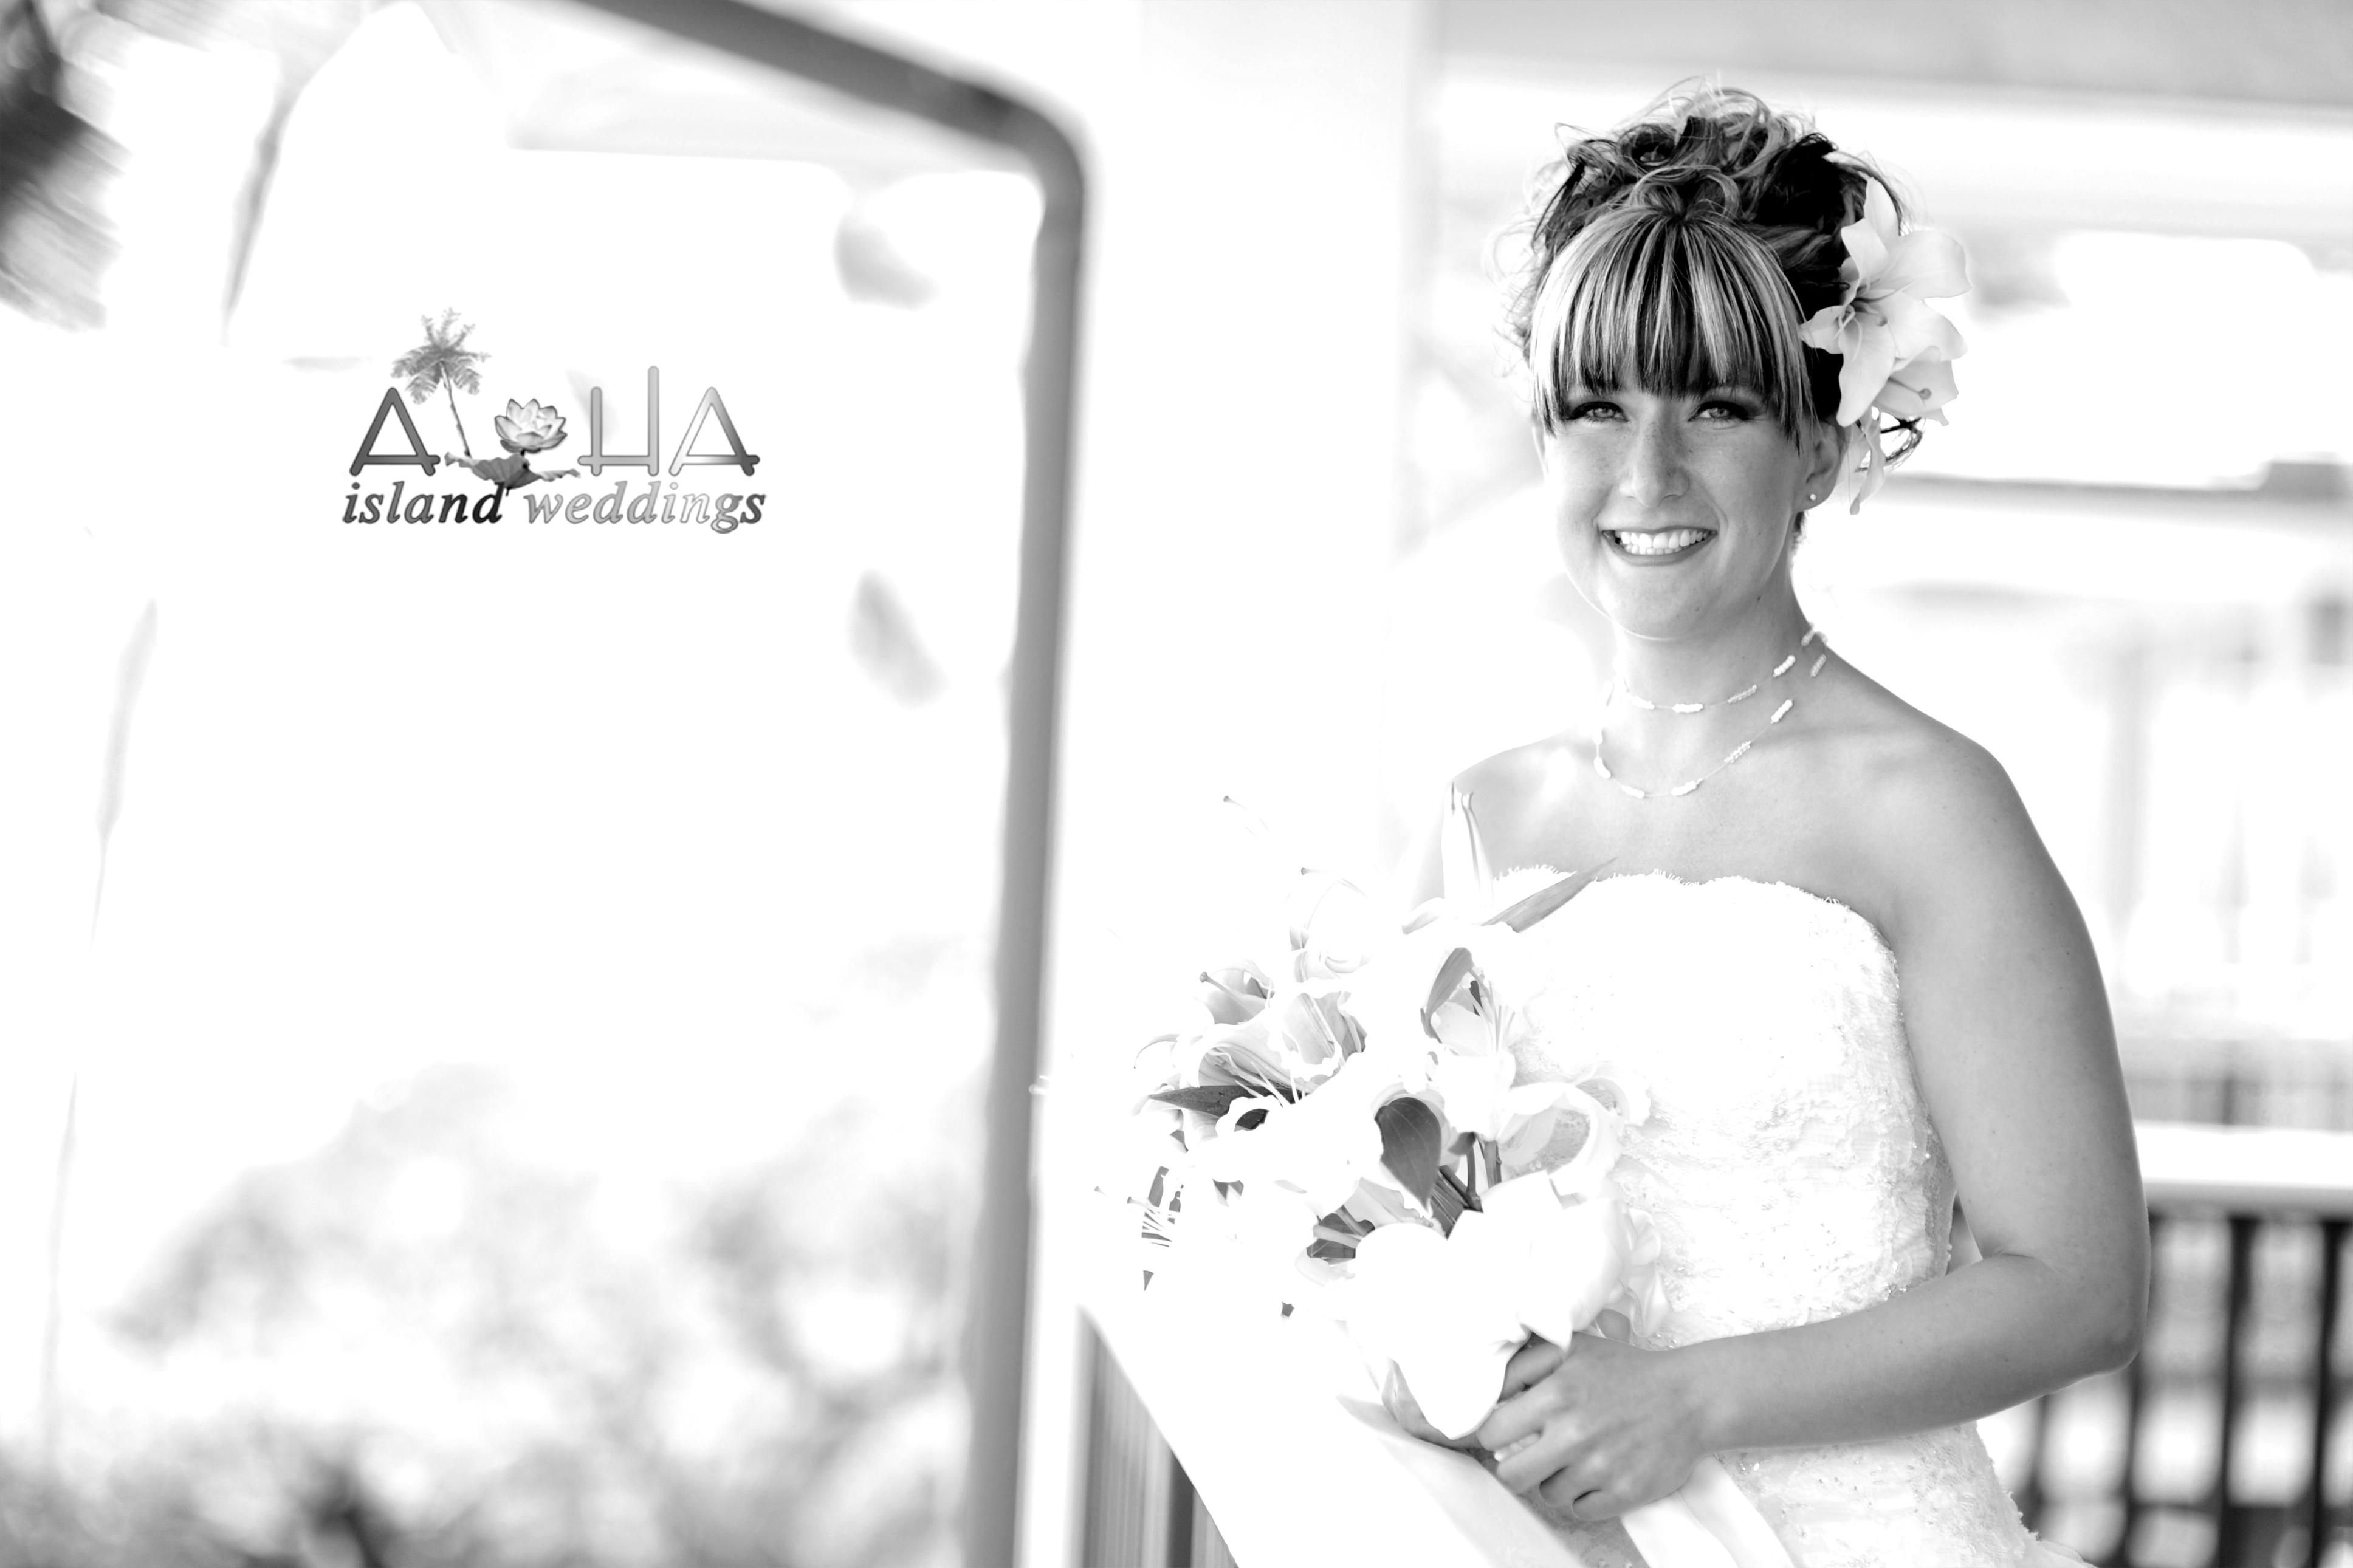 wedding in hawaii photos